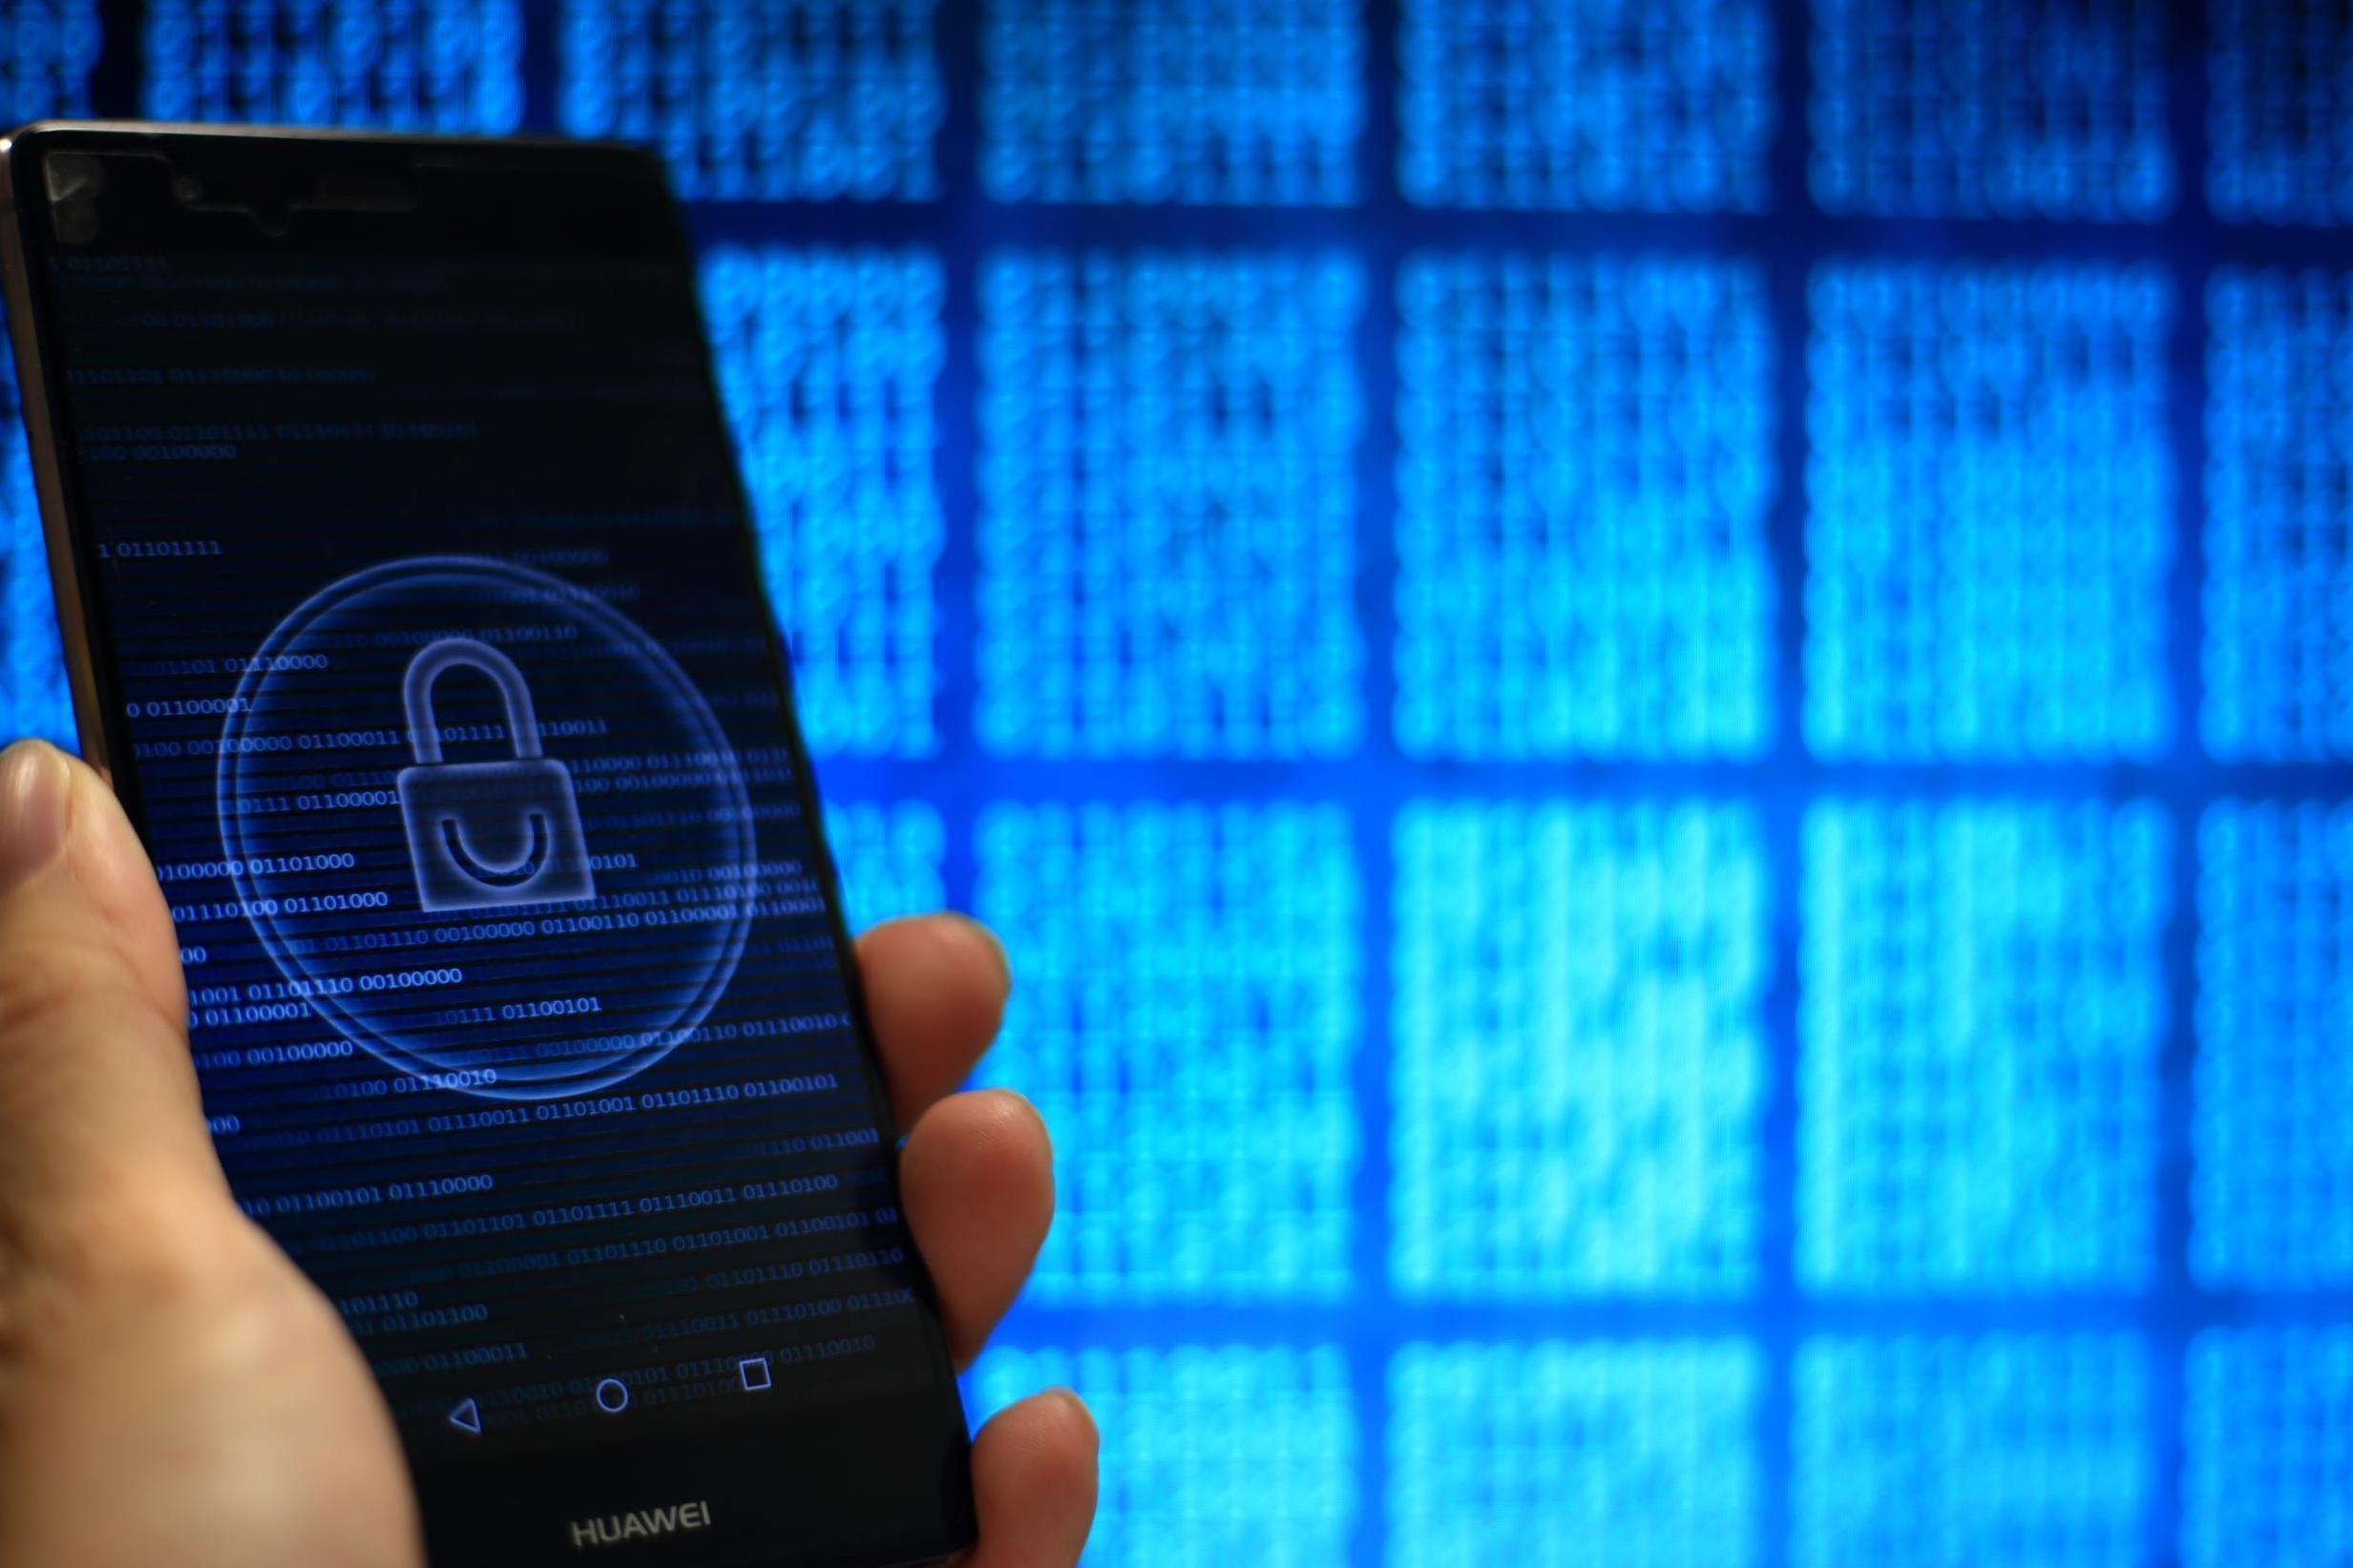 Una falla de Google permitió a los hackers acceder a teléfonos Android a través de una cámara